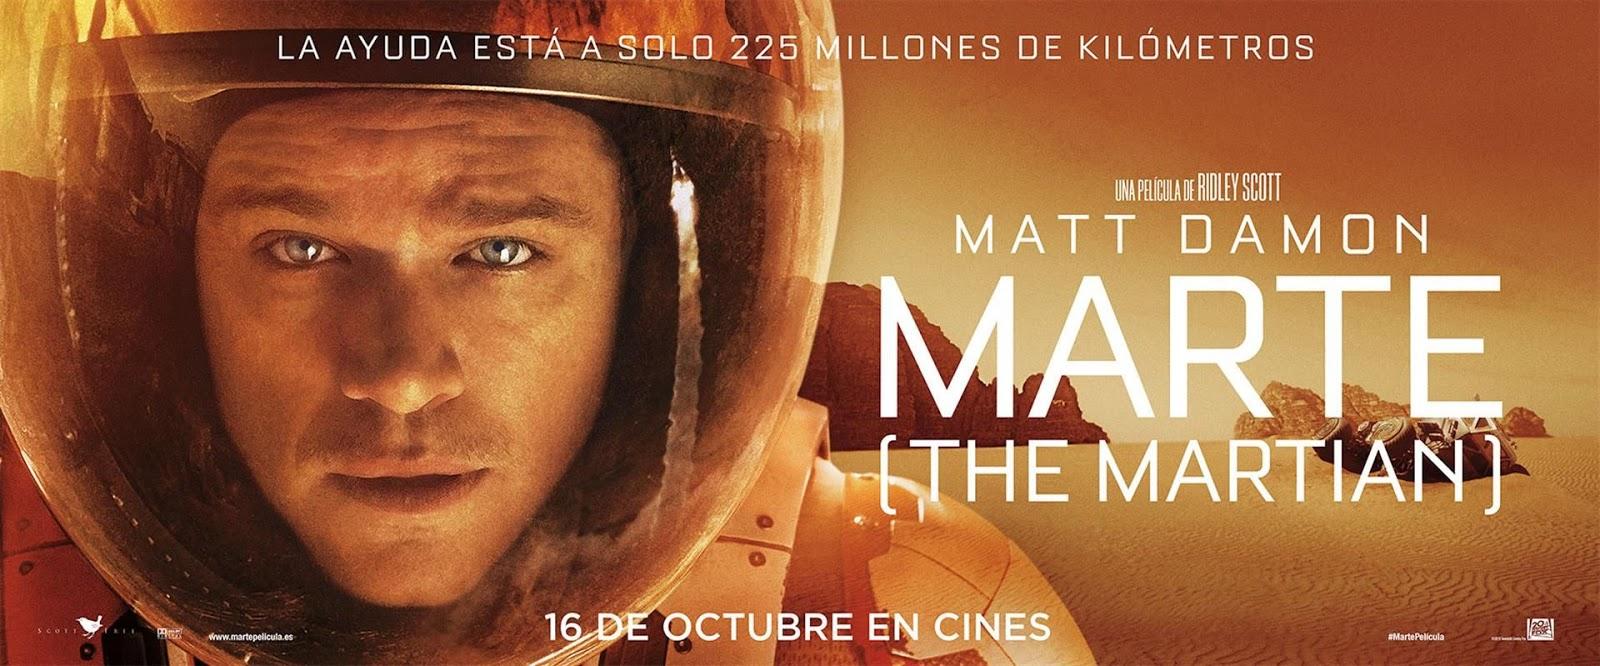 Resultado de imagen de La película Marte